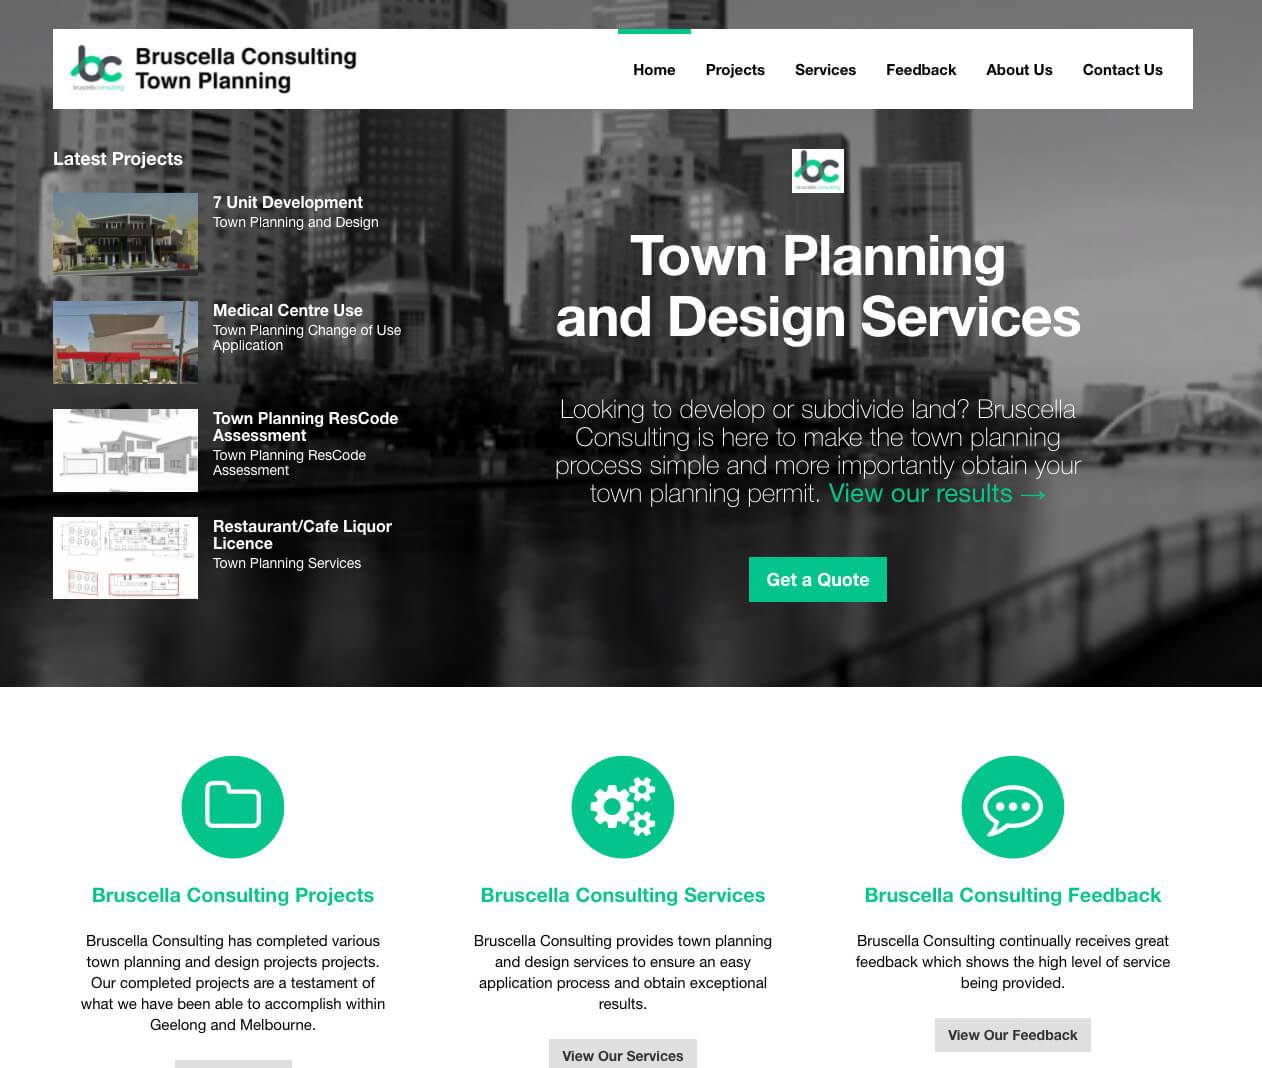 bruscella-consulting-web-design